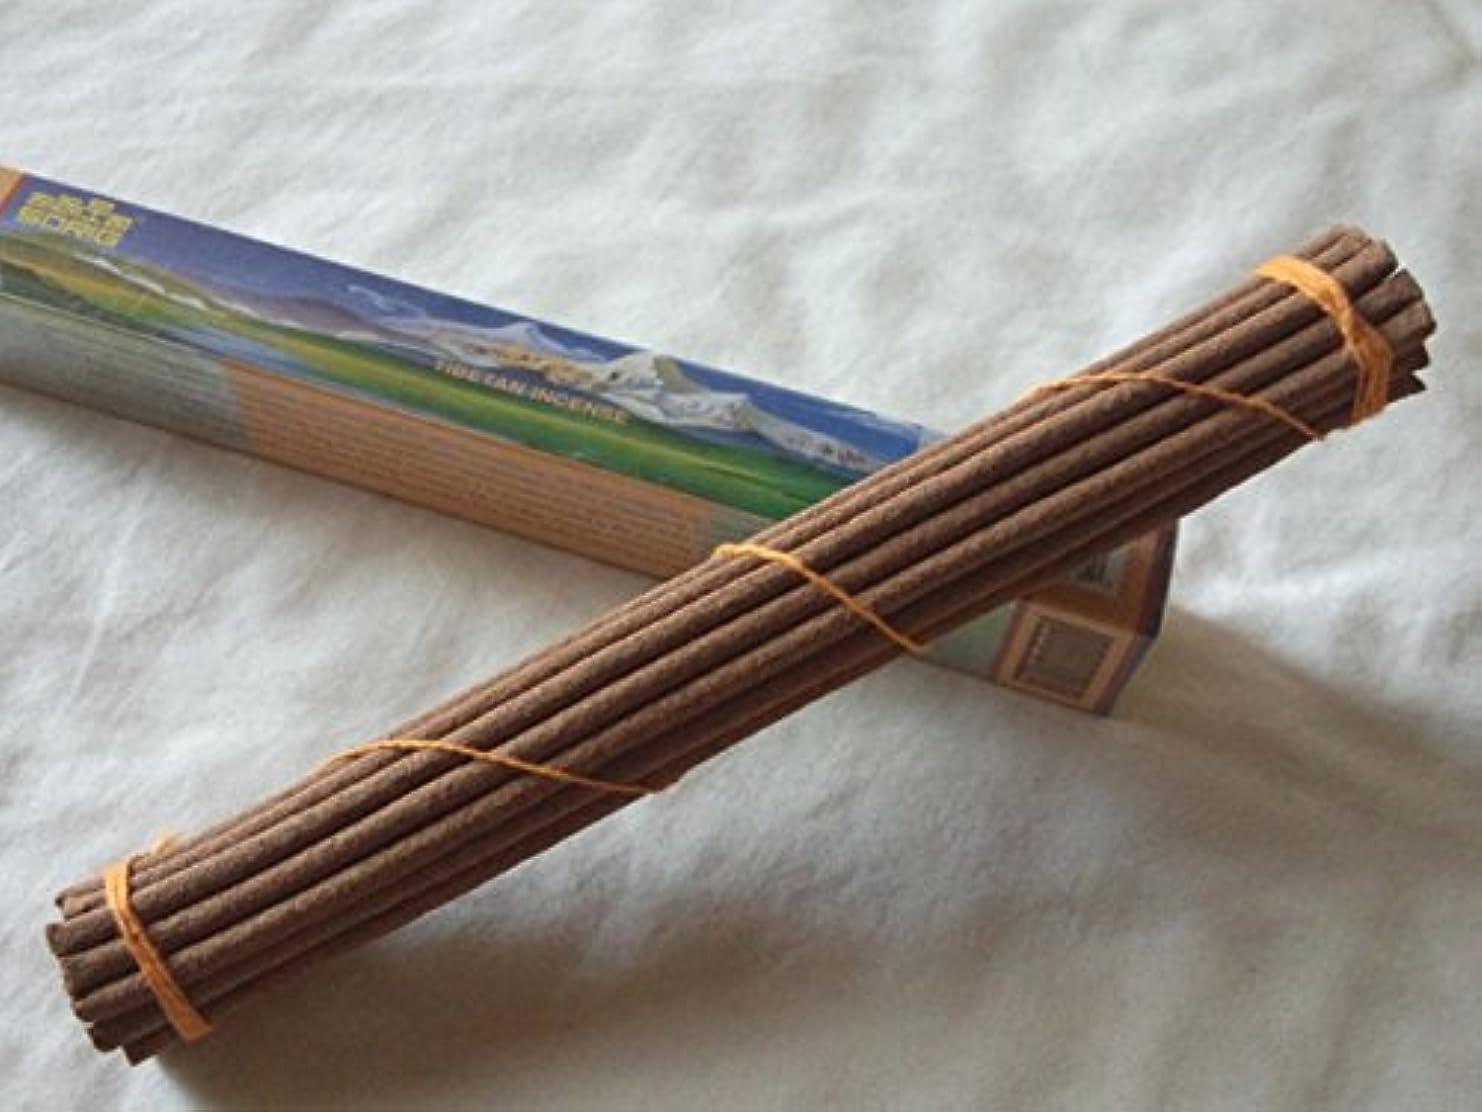 モーター推論酸っぱいMen-Tsee-Khang/メンツィカンのお香-シングル SORIG Tibetan Incense small 約20本入